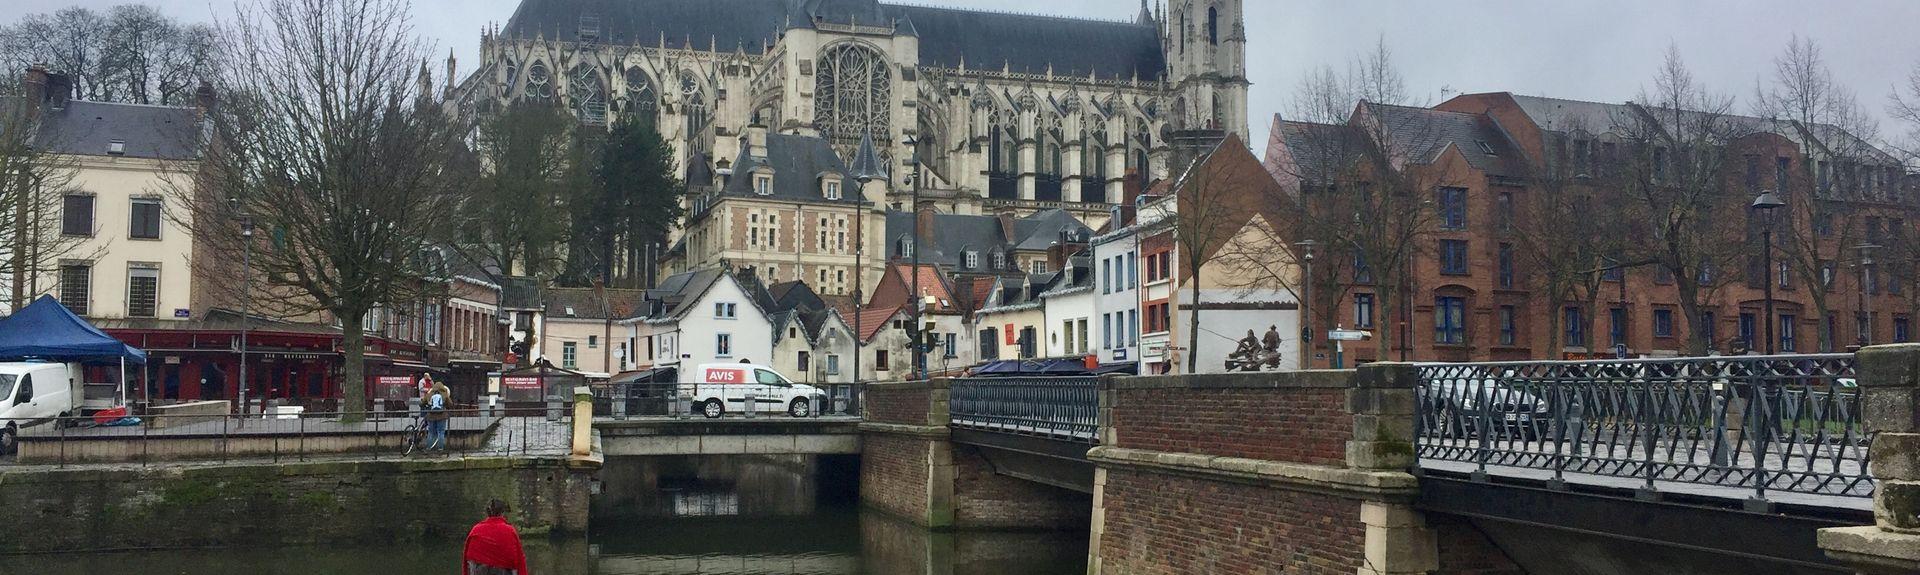 Αμιένη, Nord-Pas-de-Calais-Picardie, Γαλλία